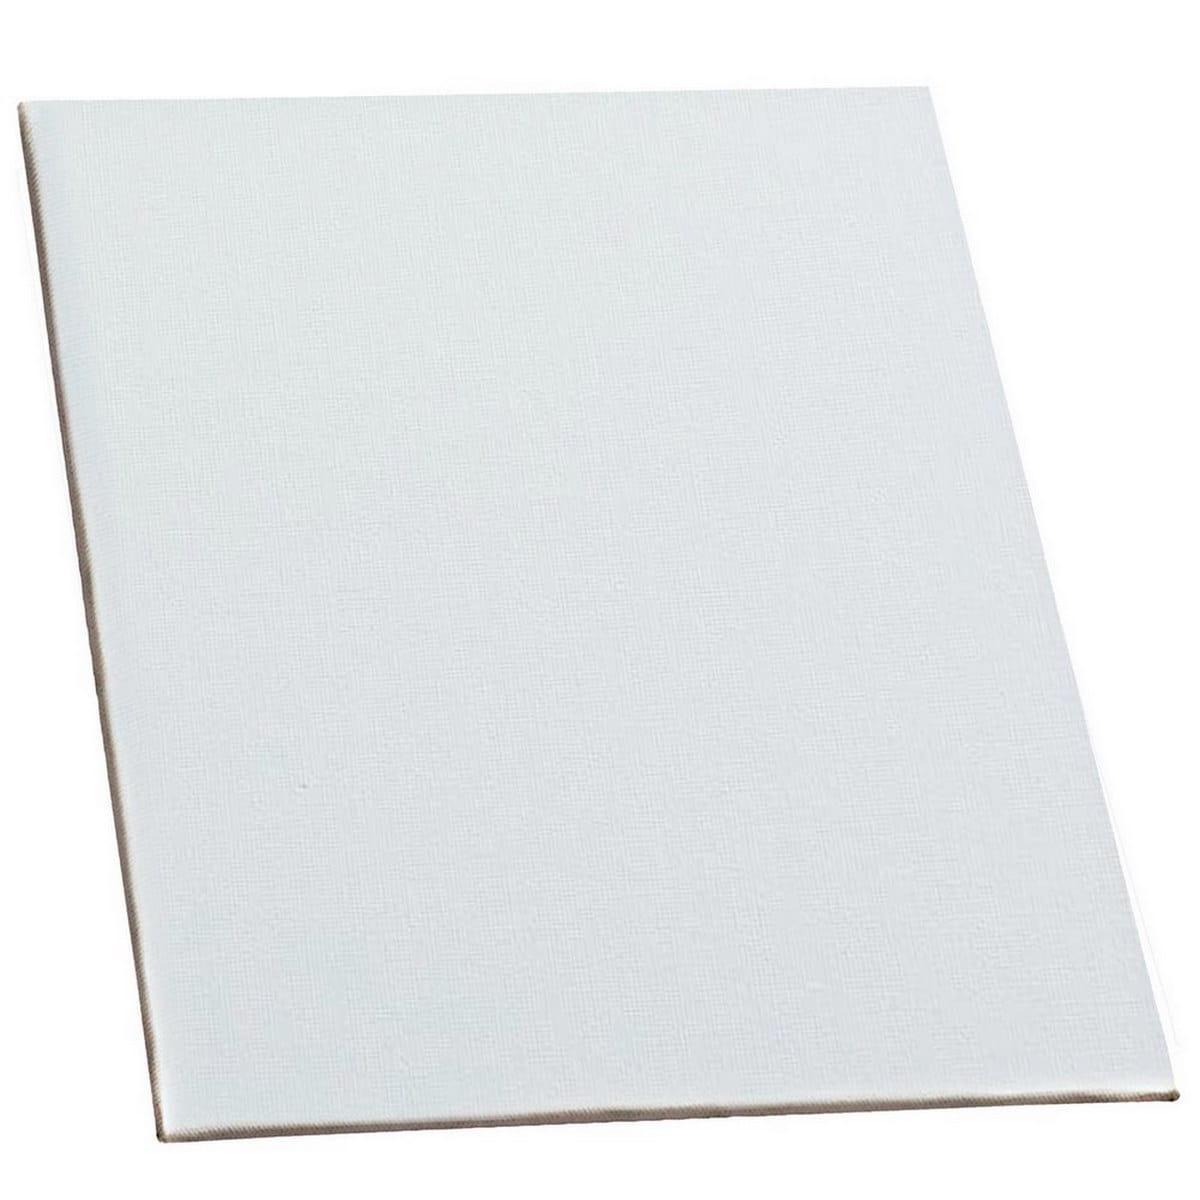 MDF White Canvas Board Size: 30.5 X 30.5 cm (12x12 Inches)